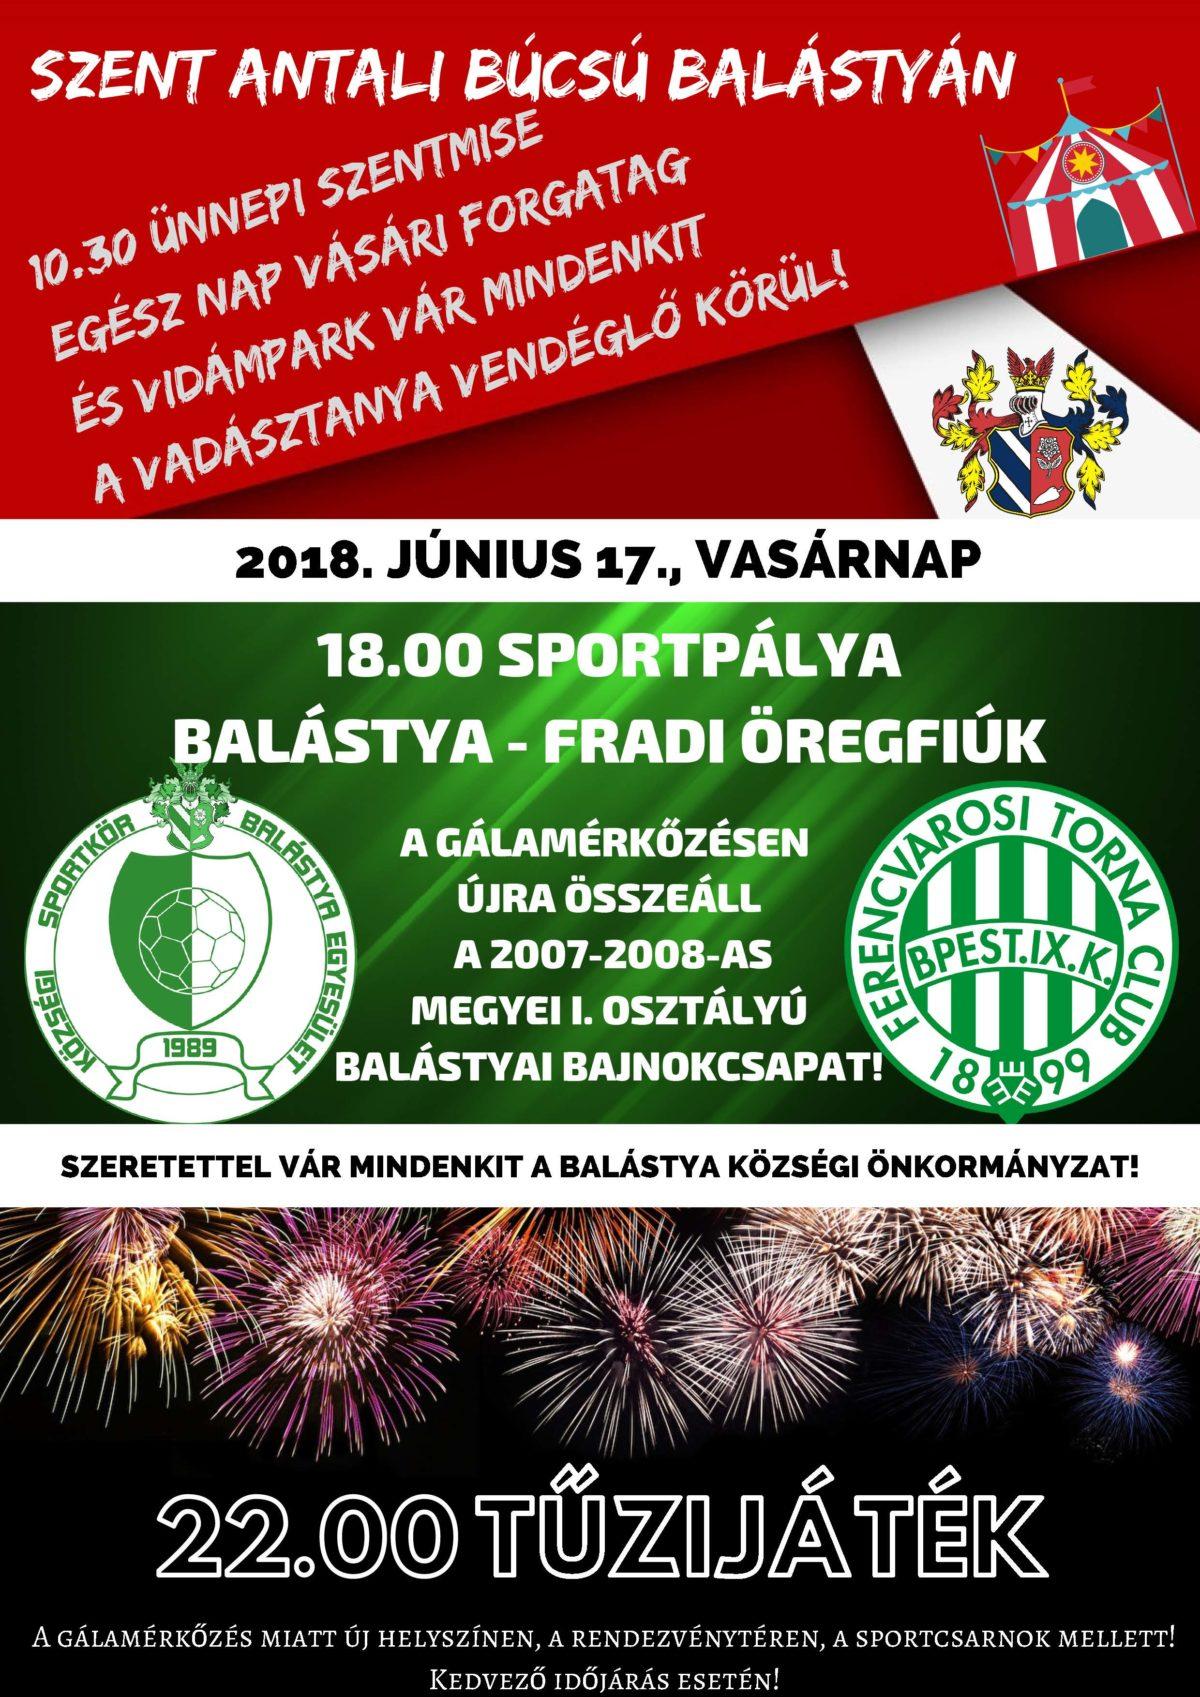 Szent Antali Búcsú Balástyán és I. Balástyai Sportnap